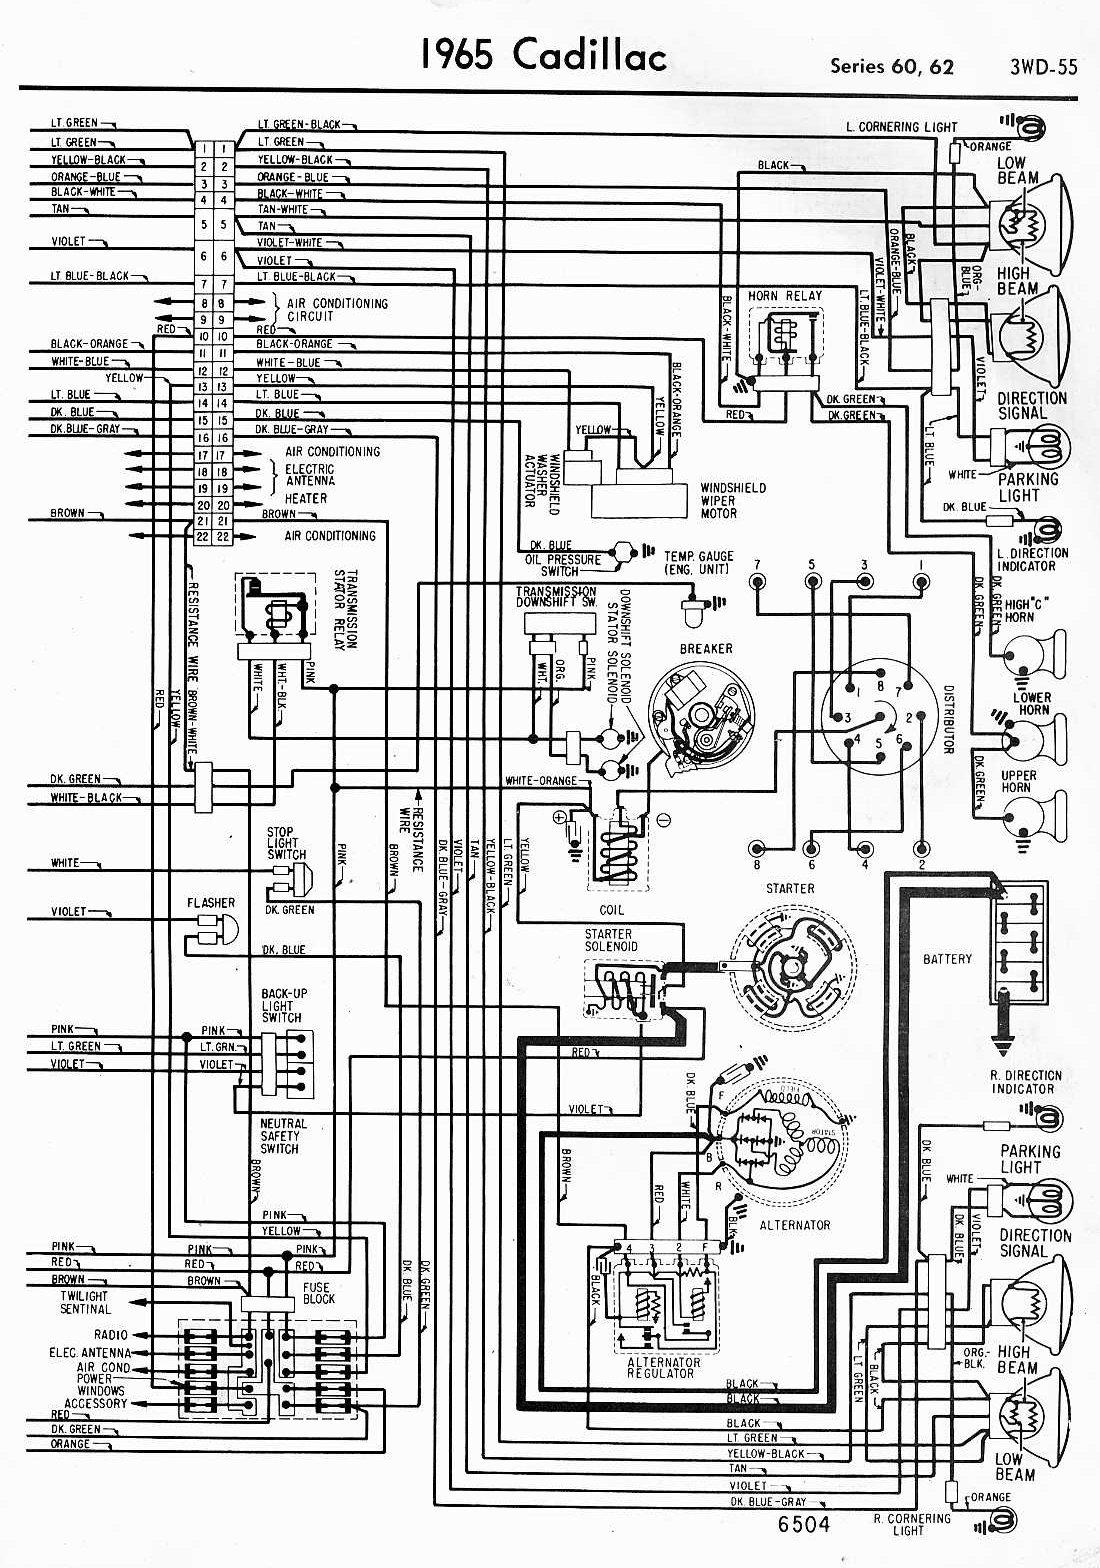 65 cadillac wiring diagram wiring diagrams schematics 1962 cadillac fleetwood wiring-diagram cadillac car manuals wiring diagrams pdf & fault codes rh automotive manuals net at 65 cadillac